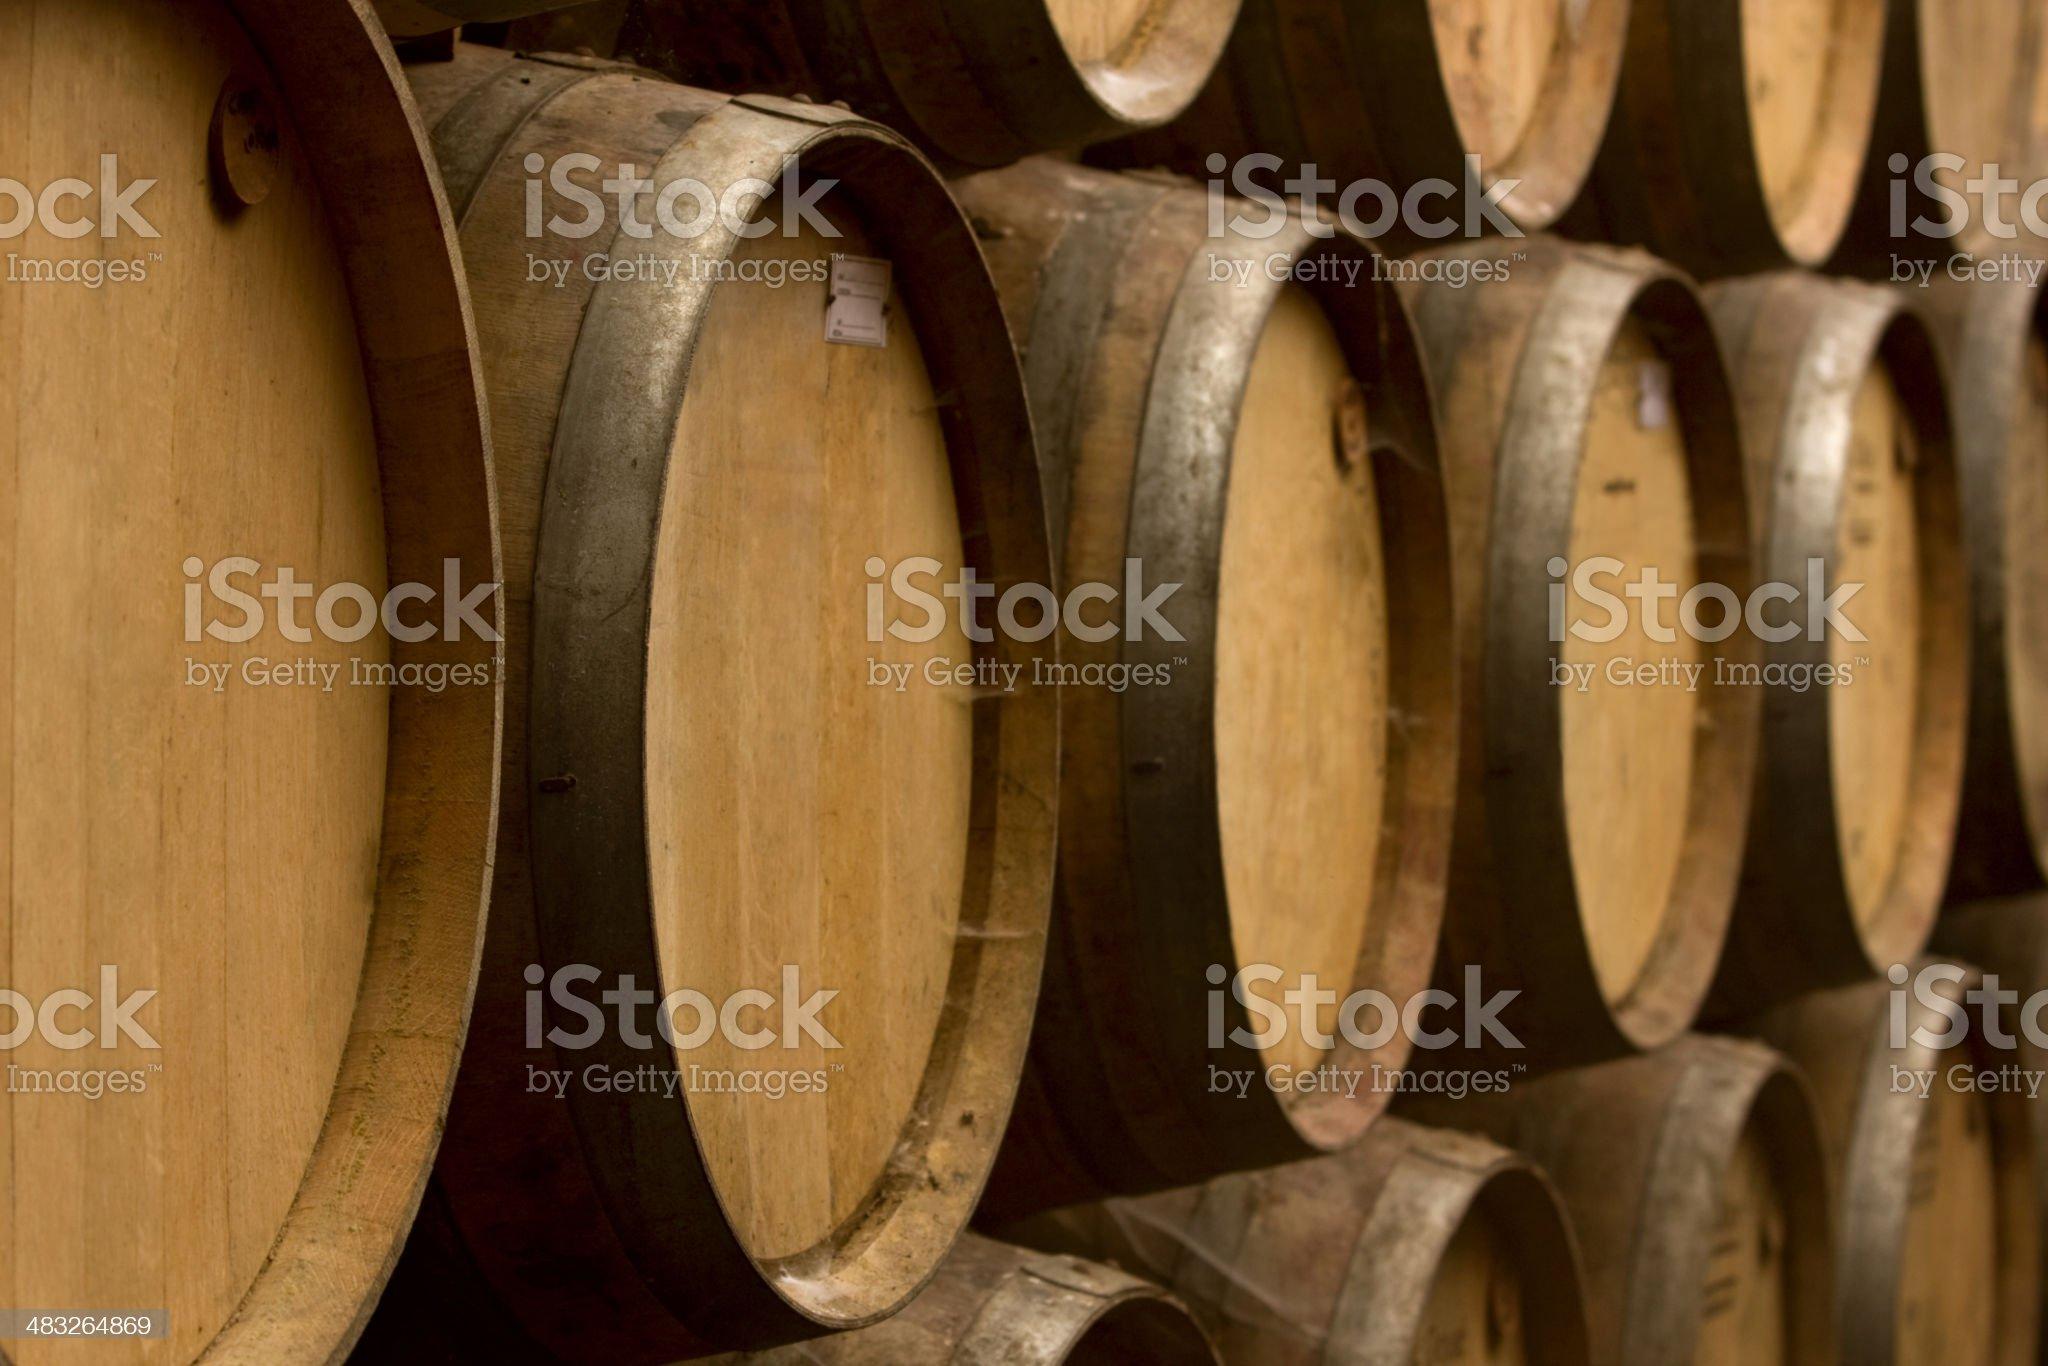 Oak barrels aging wine royalty-free stock photo